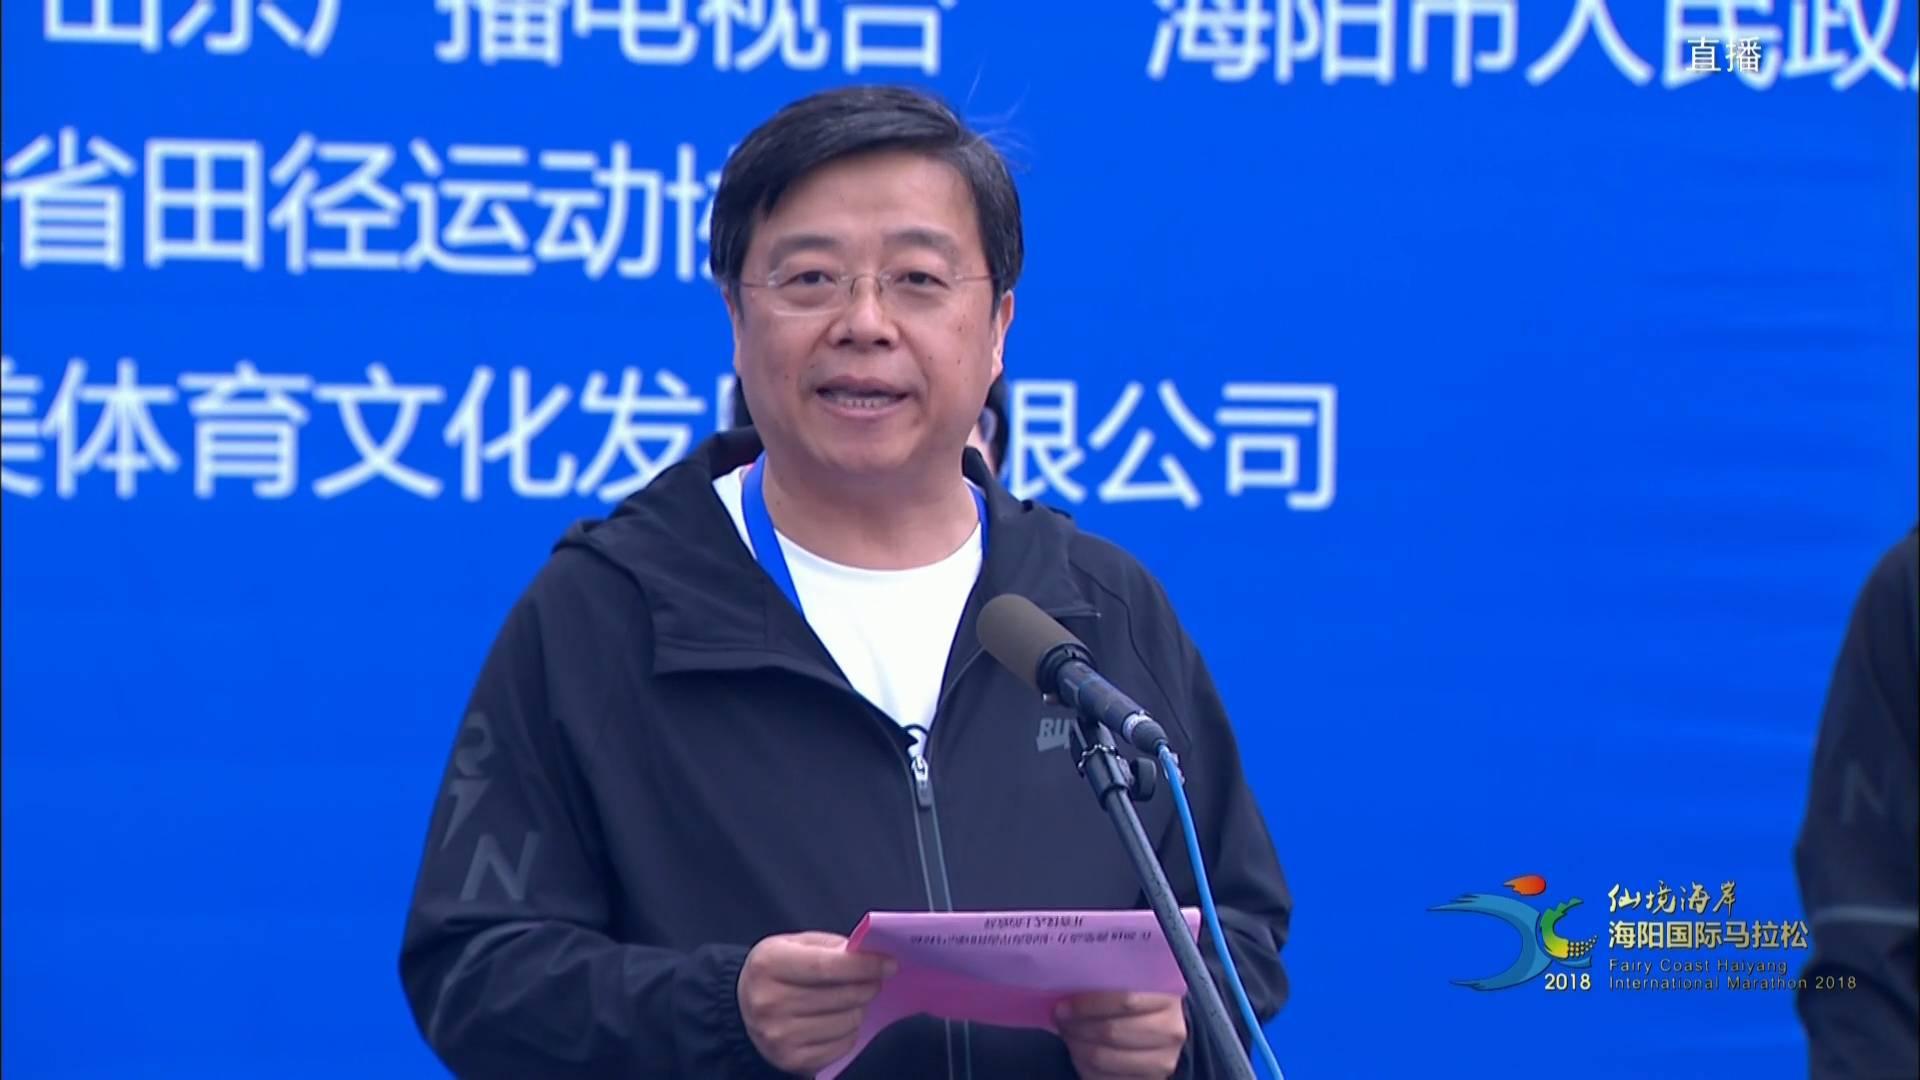 海阳市市长林钰涛:海阳人民愿与跑友们一起挑战自我、超越自我、奋力前行